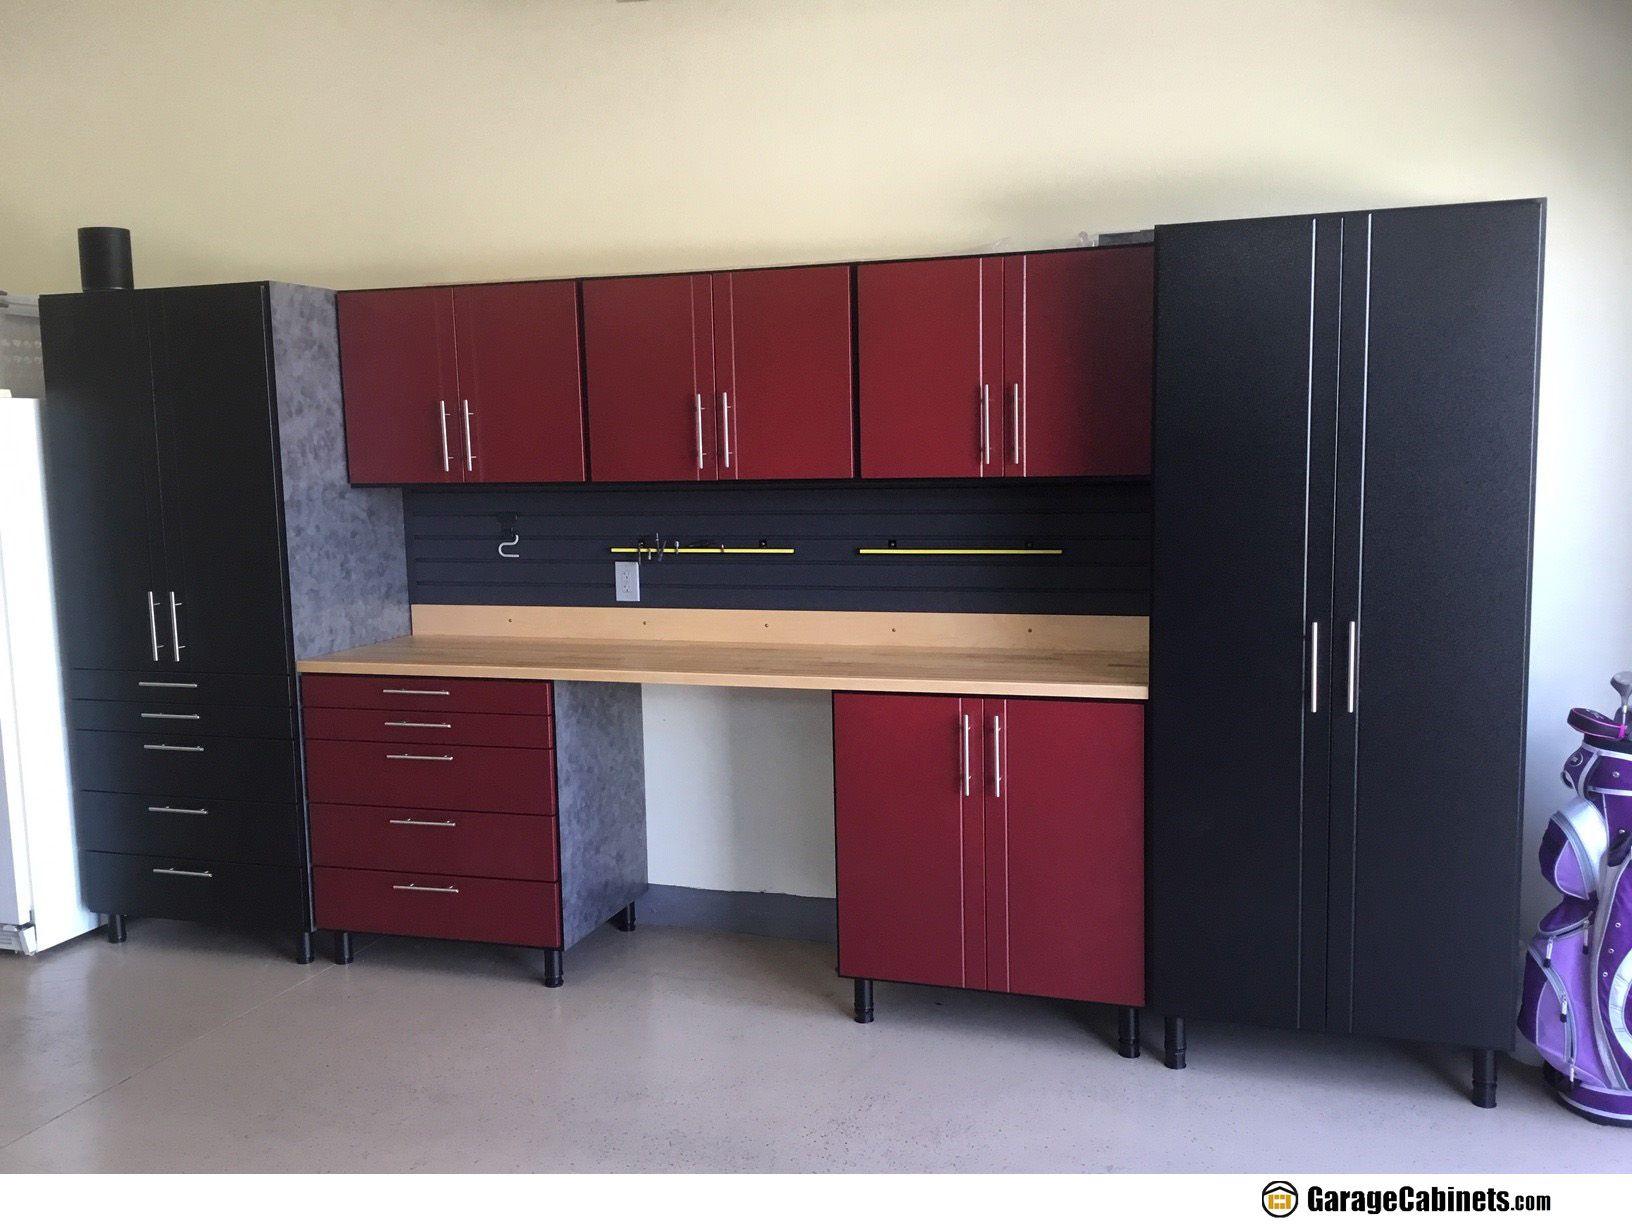 Cabinet Idea For The Garage Garage Cabinets Garage Storage